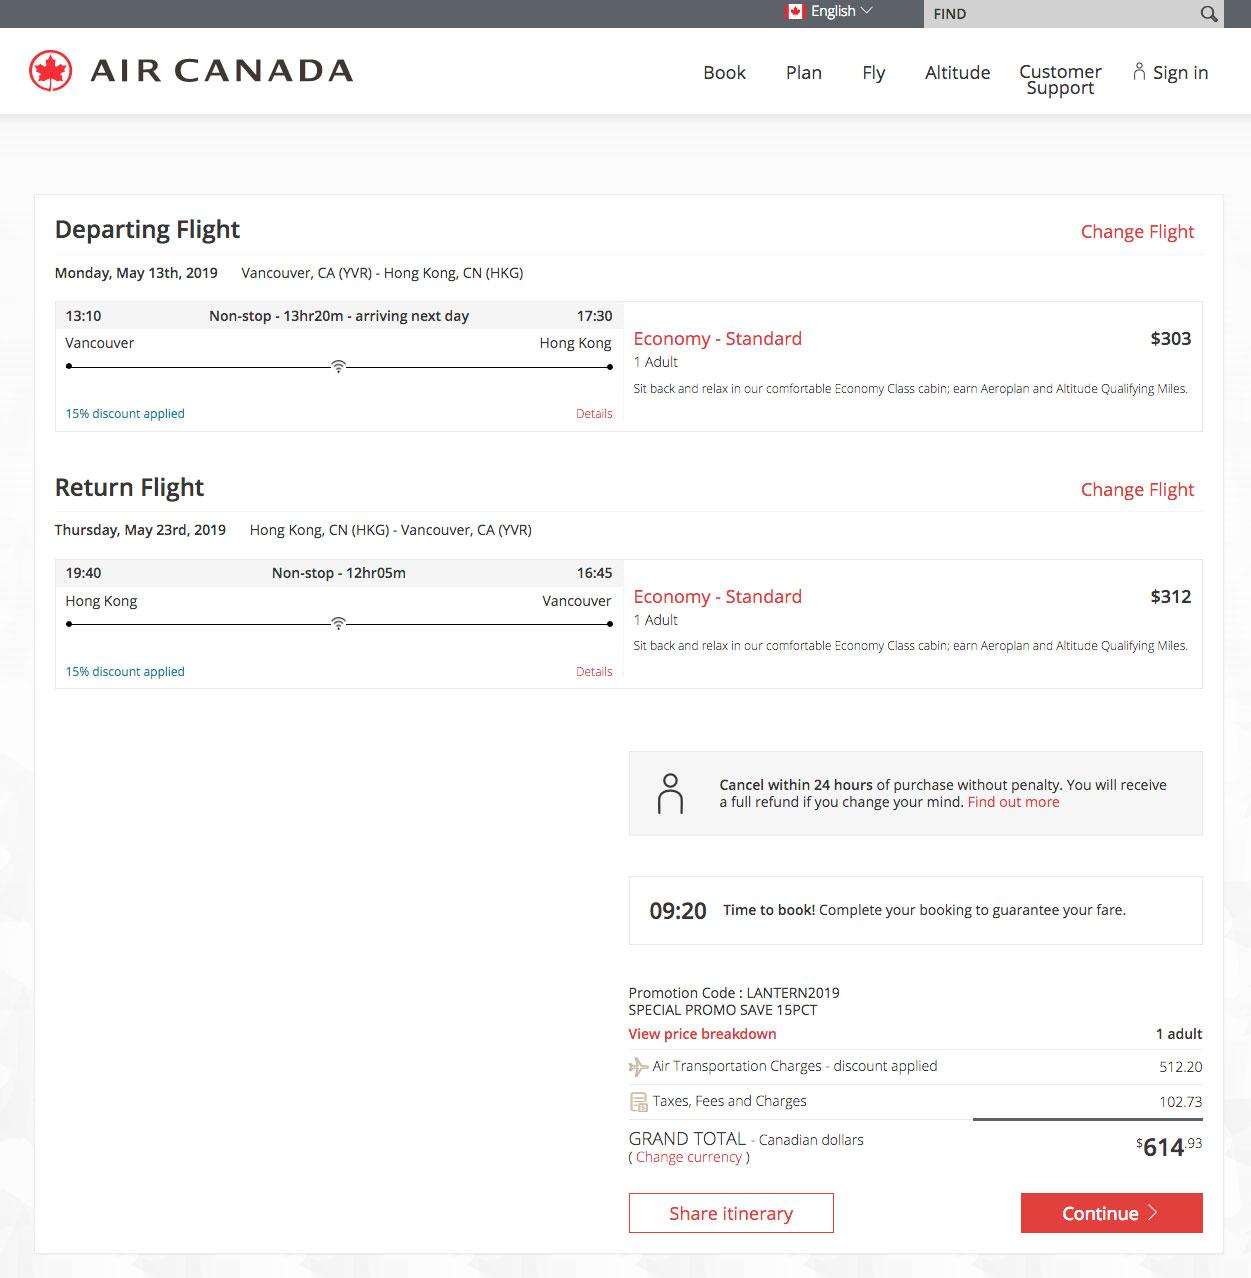 加拿大航空:八五折優惠(只限香港、北京、上海及台北)